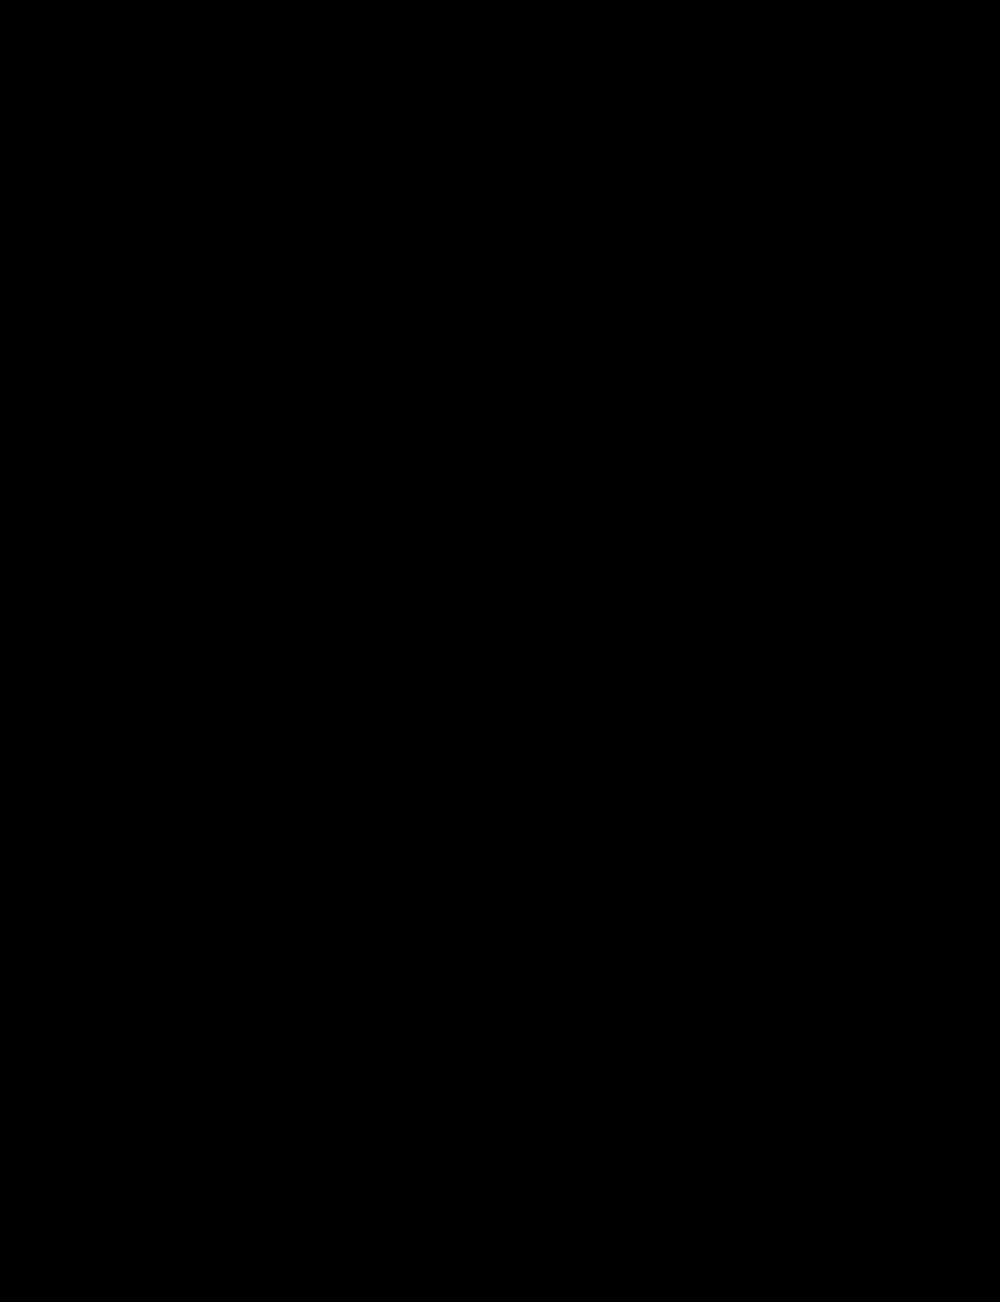 Une coupe longue structurée